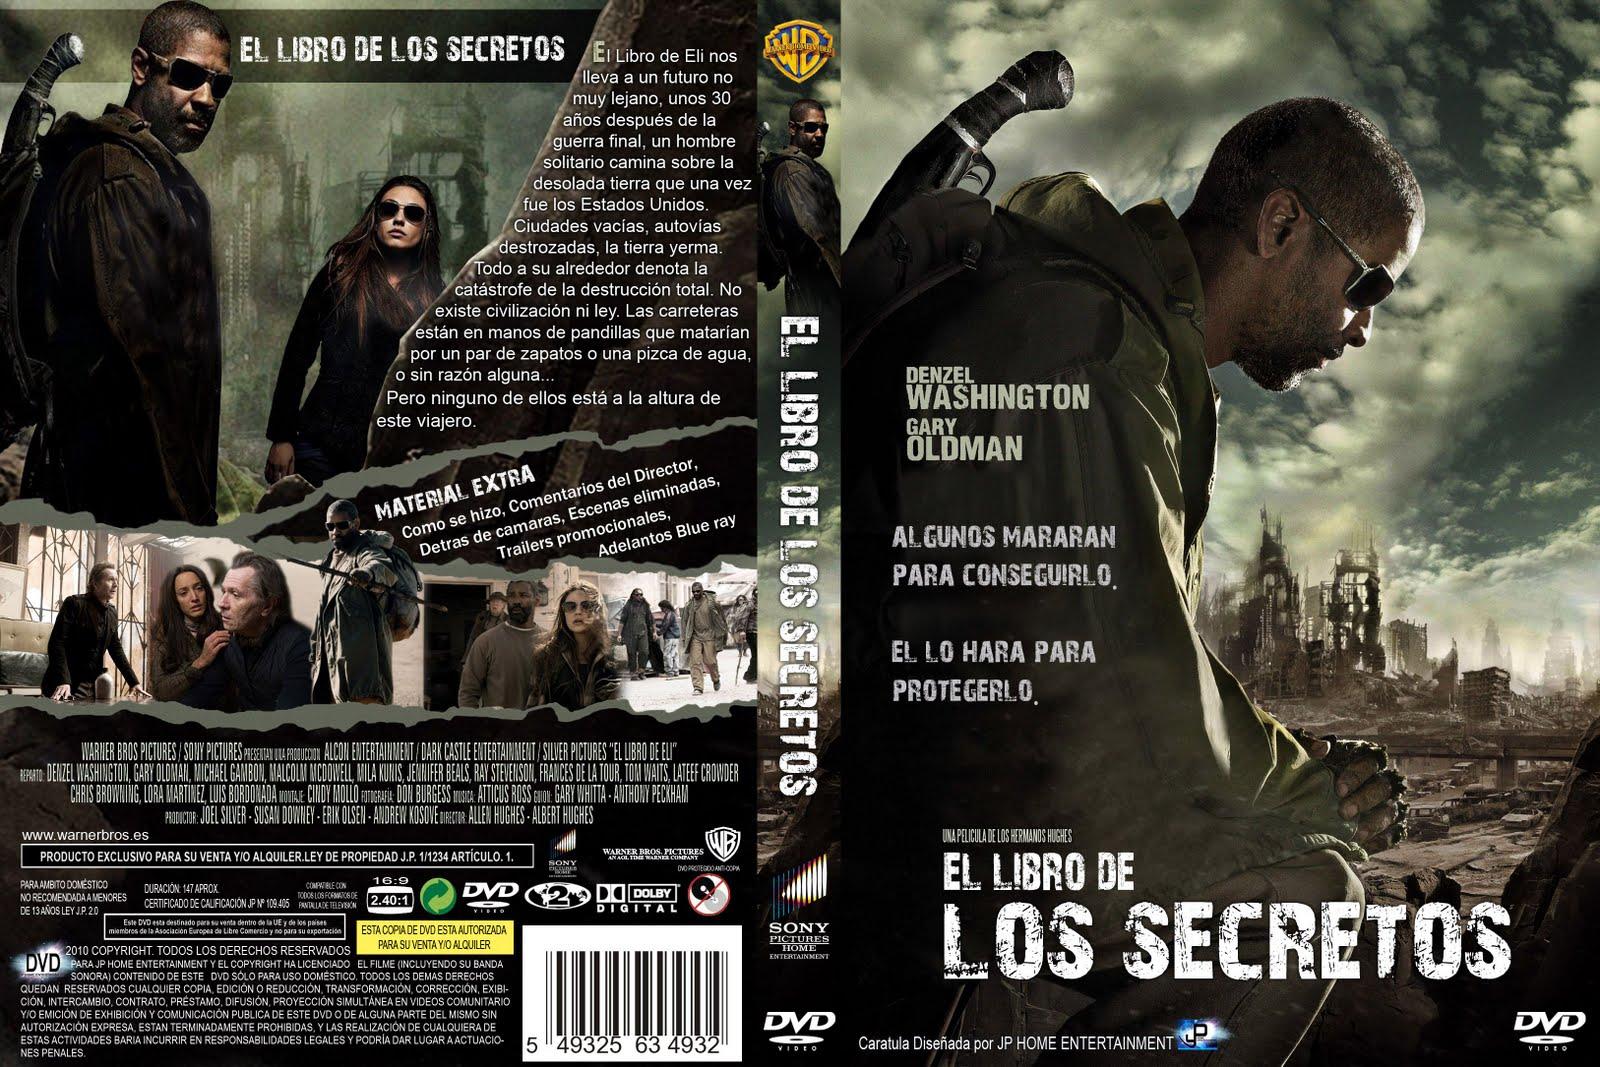 http://3.bp.blogspot.com/_QedrAkGSUz8/S_vA1hArTtI/AAAAAAAADtA/f4ggXAlEWmM/s1600/El_Libro_De_Los_Secretos_-_Custom_-_V2_por_misterestrenos_%252525255Bdvd%252525255D_80.jpg